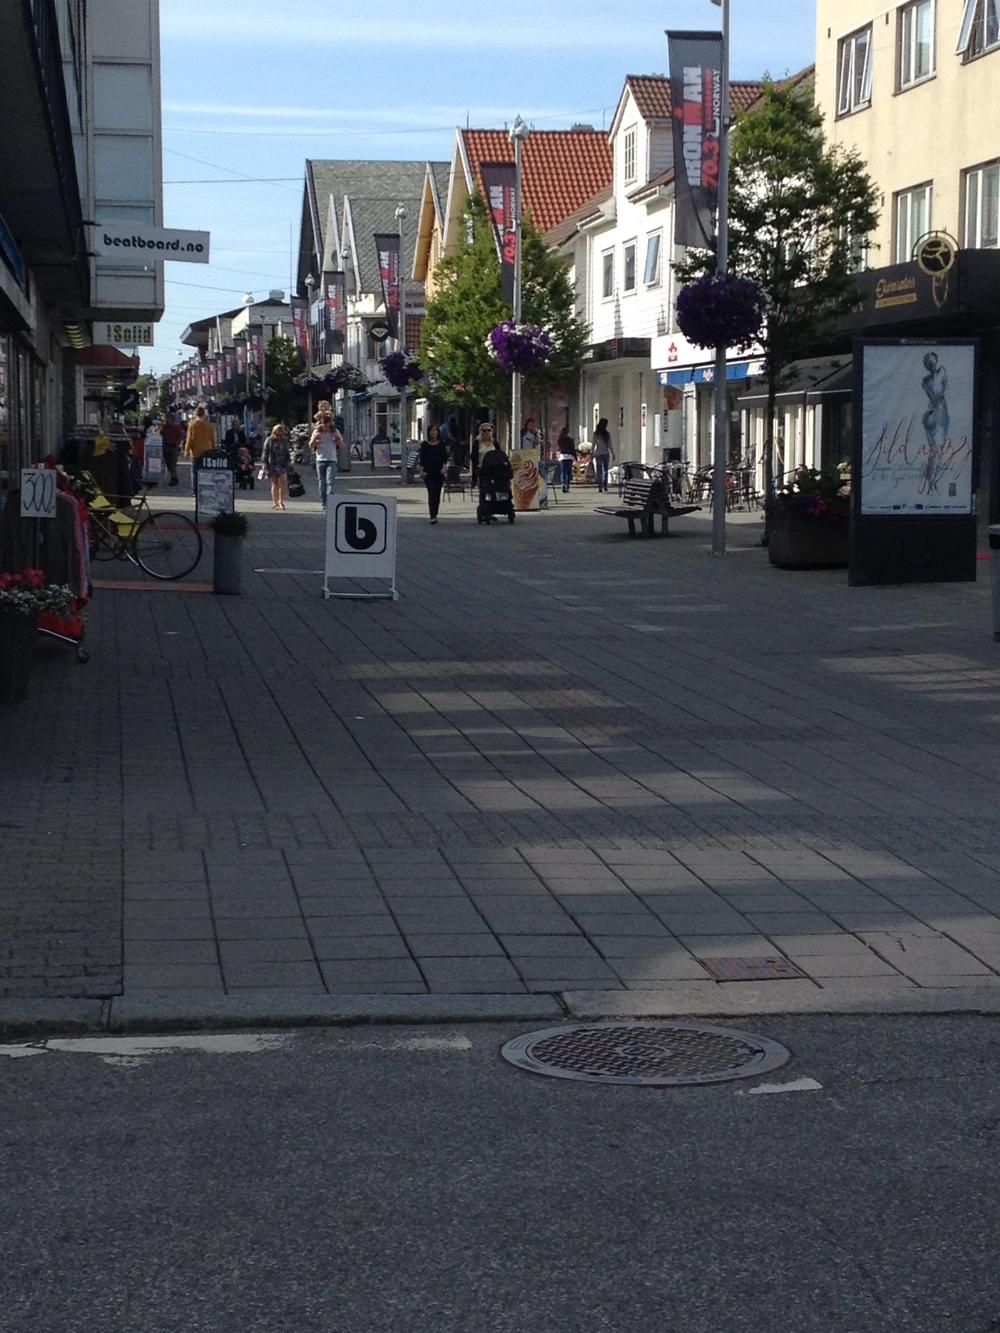 Haugesund Town Square